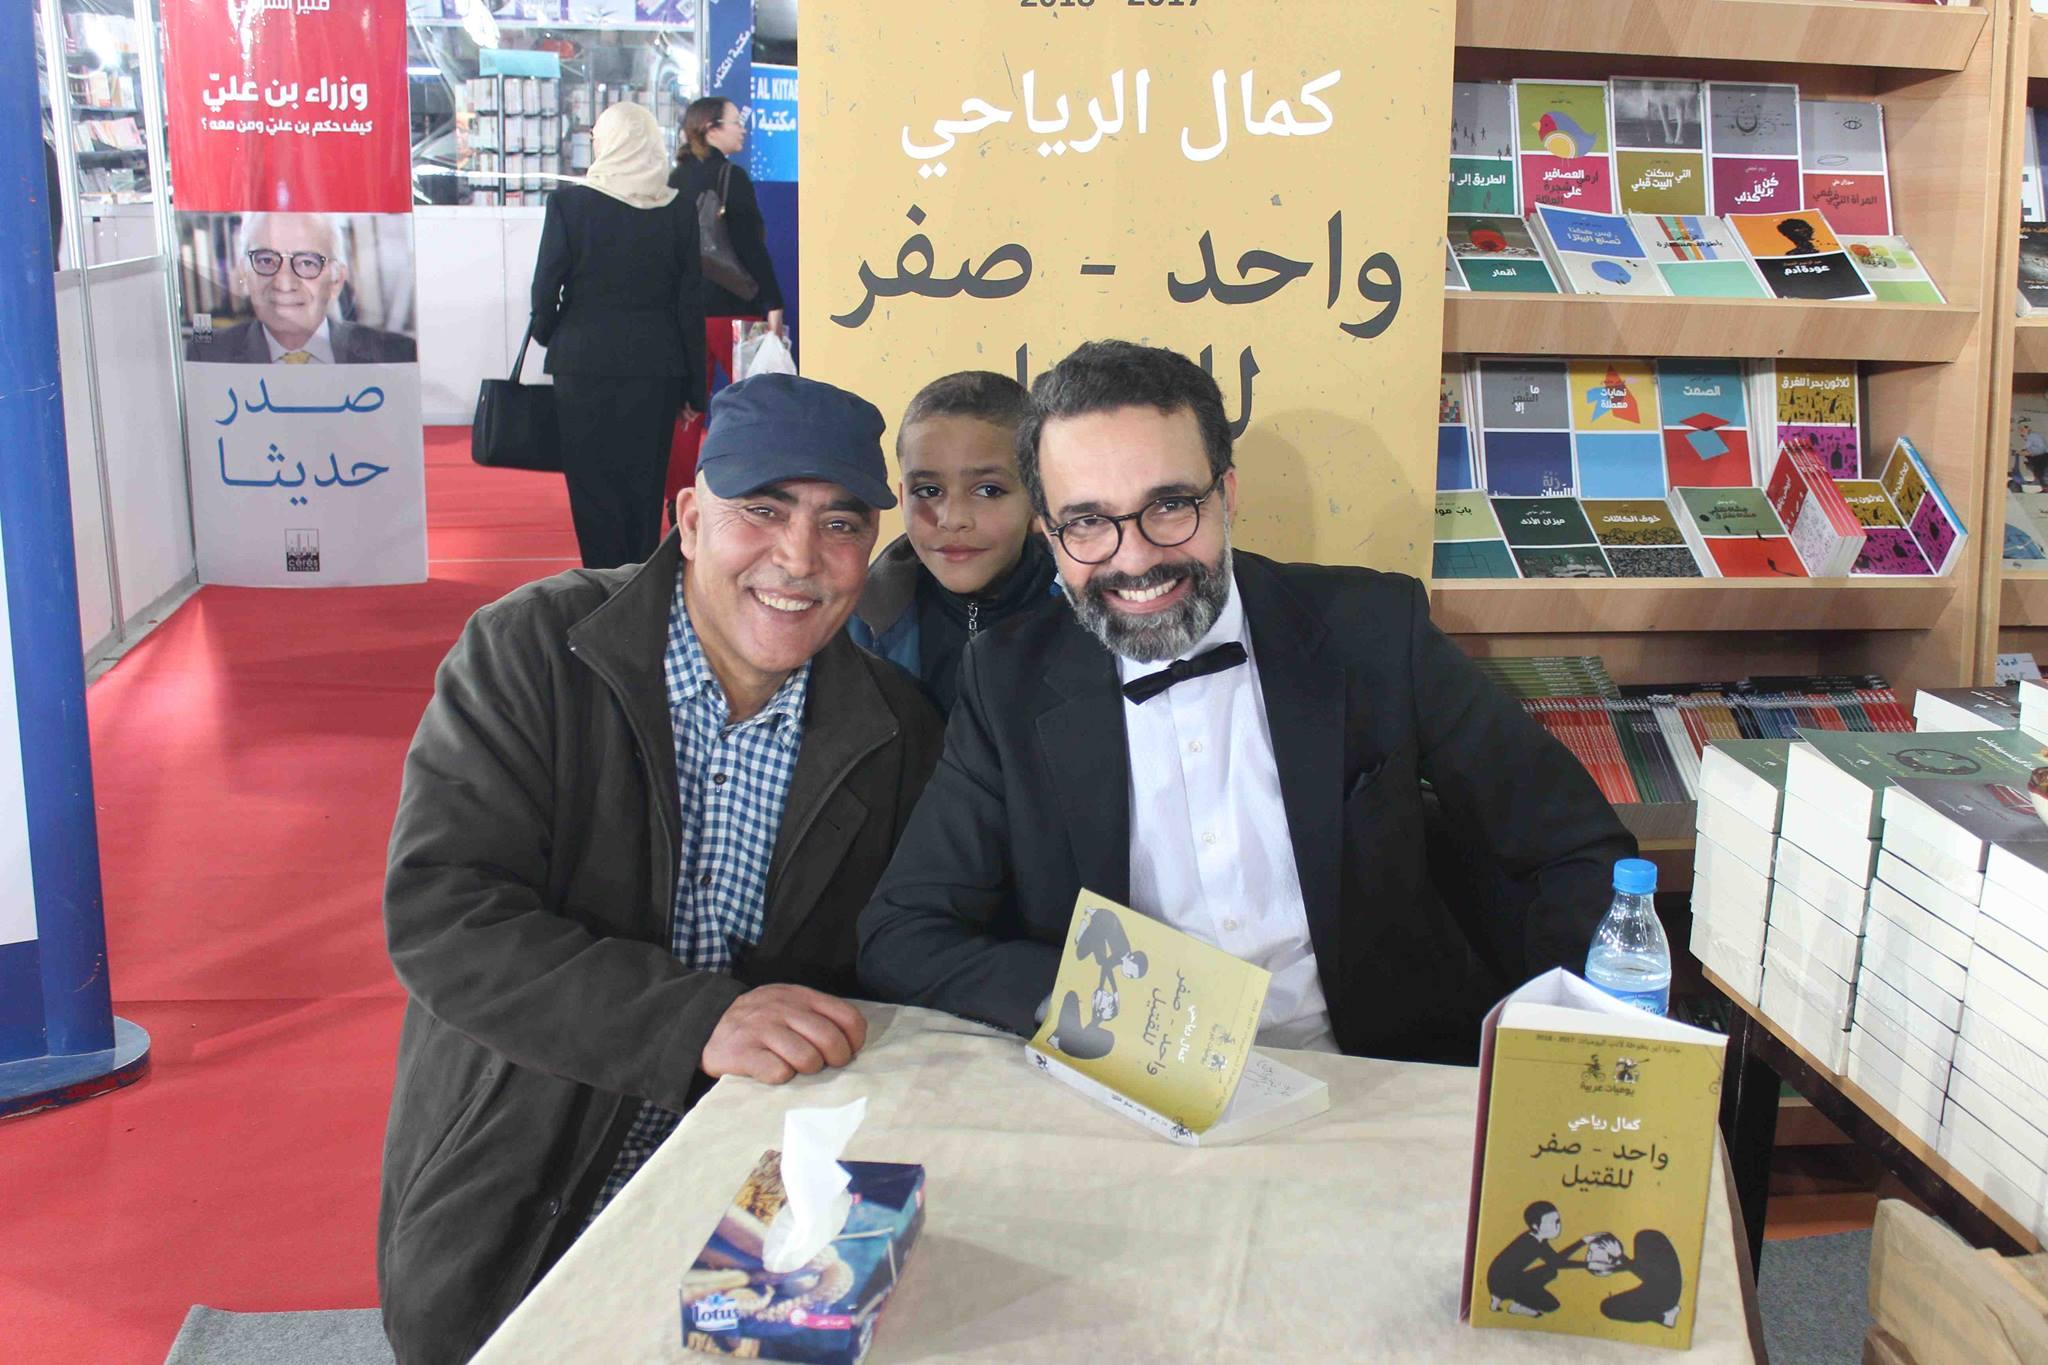 كمال الرياحى يوقع كتابه واحد صفر للقتيل الفائز بجائزة ابن بطوطة فى معرض تونس (33)